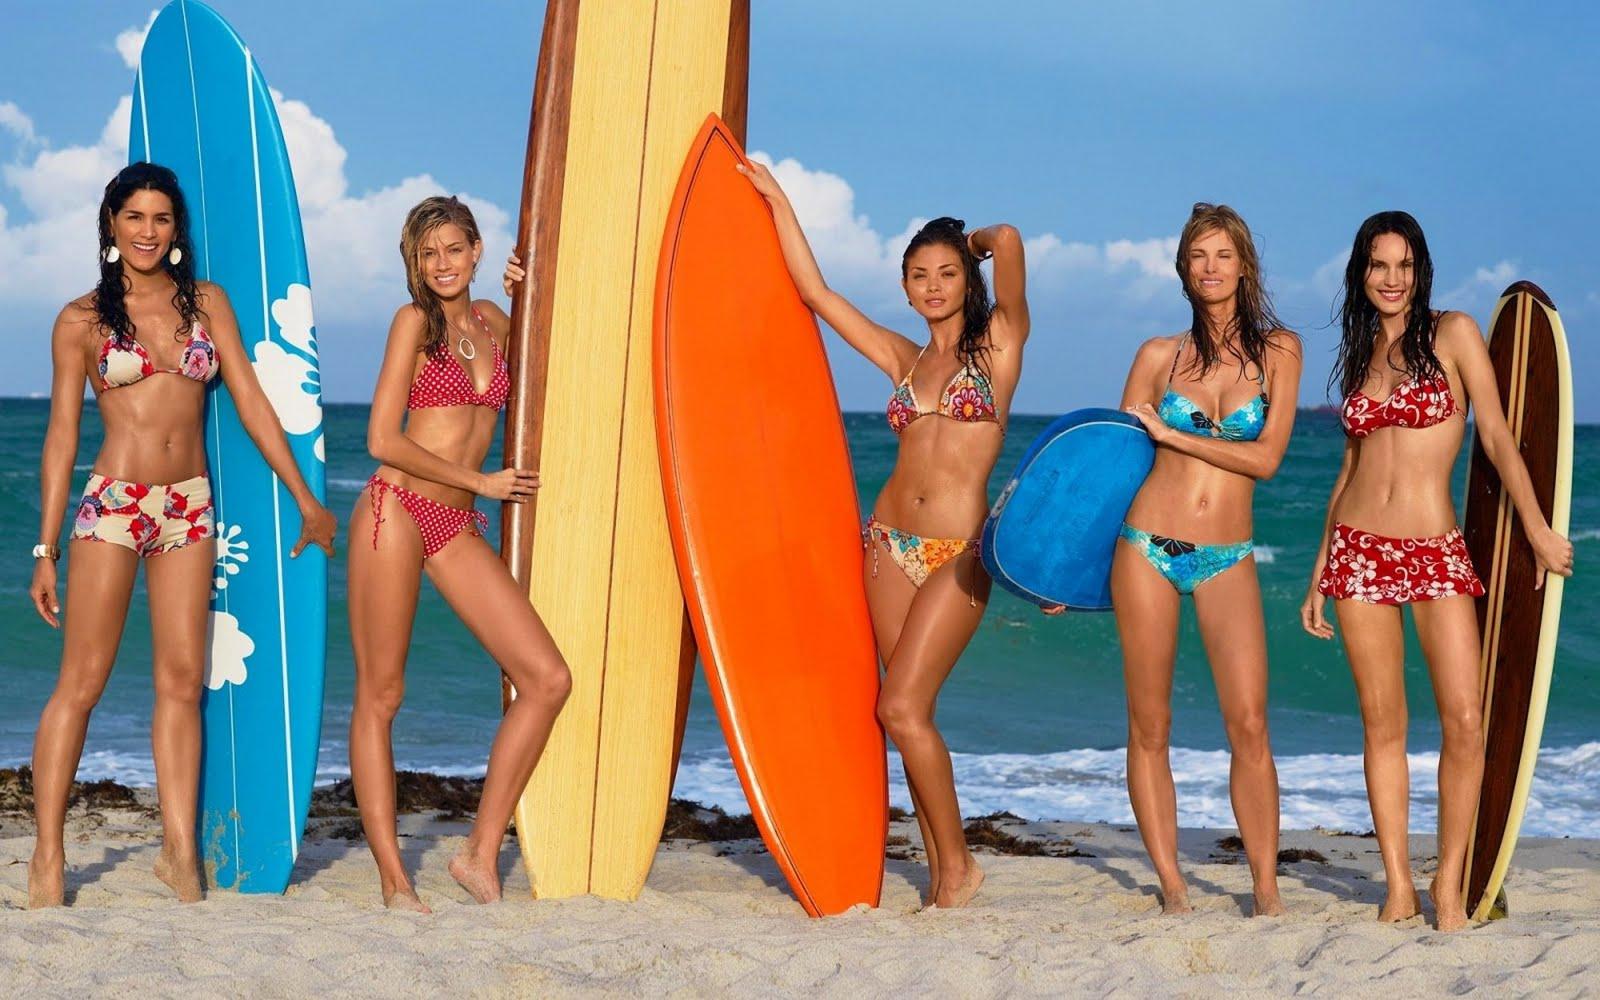 http://1.bp.blogspot.com/-AdIeXQIOdK8/TYwq_1L_TQI/AAAAAAAAAC4/9AG2fxiZuVY/s1600/Surfer_Girls%2Bwallpaper.jpg